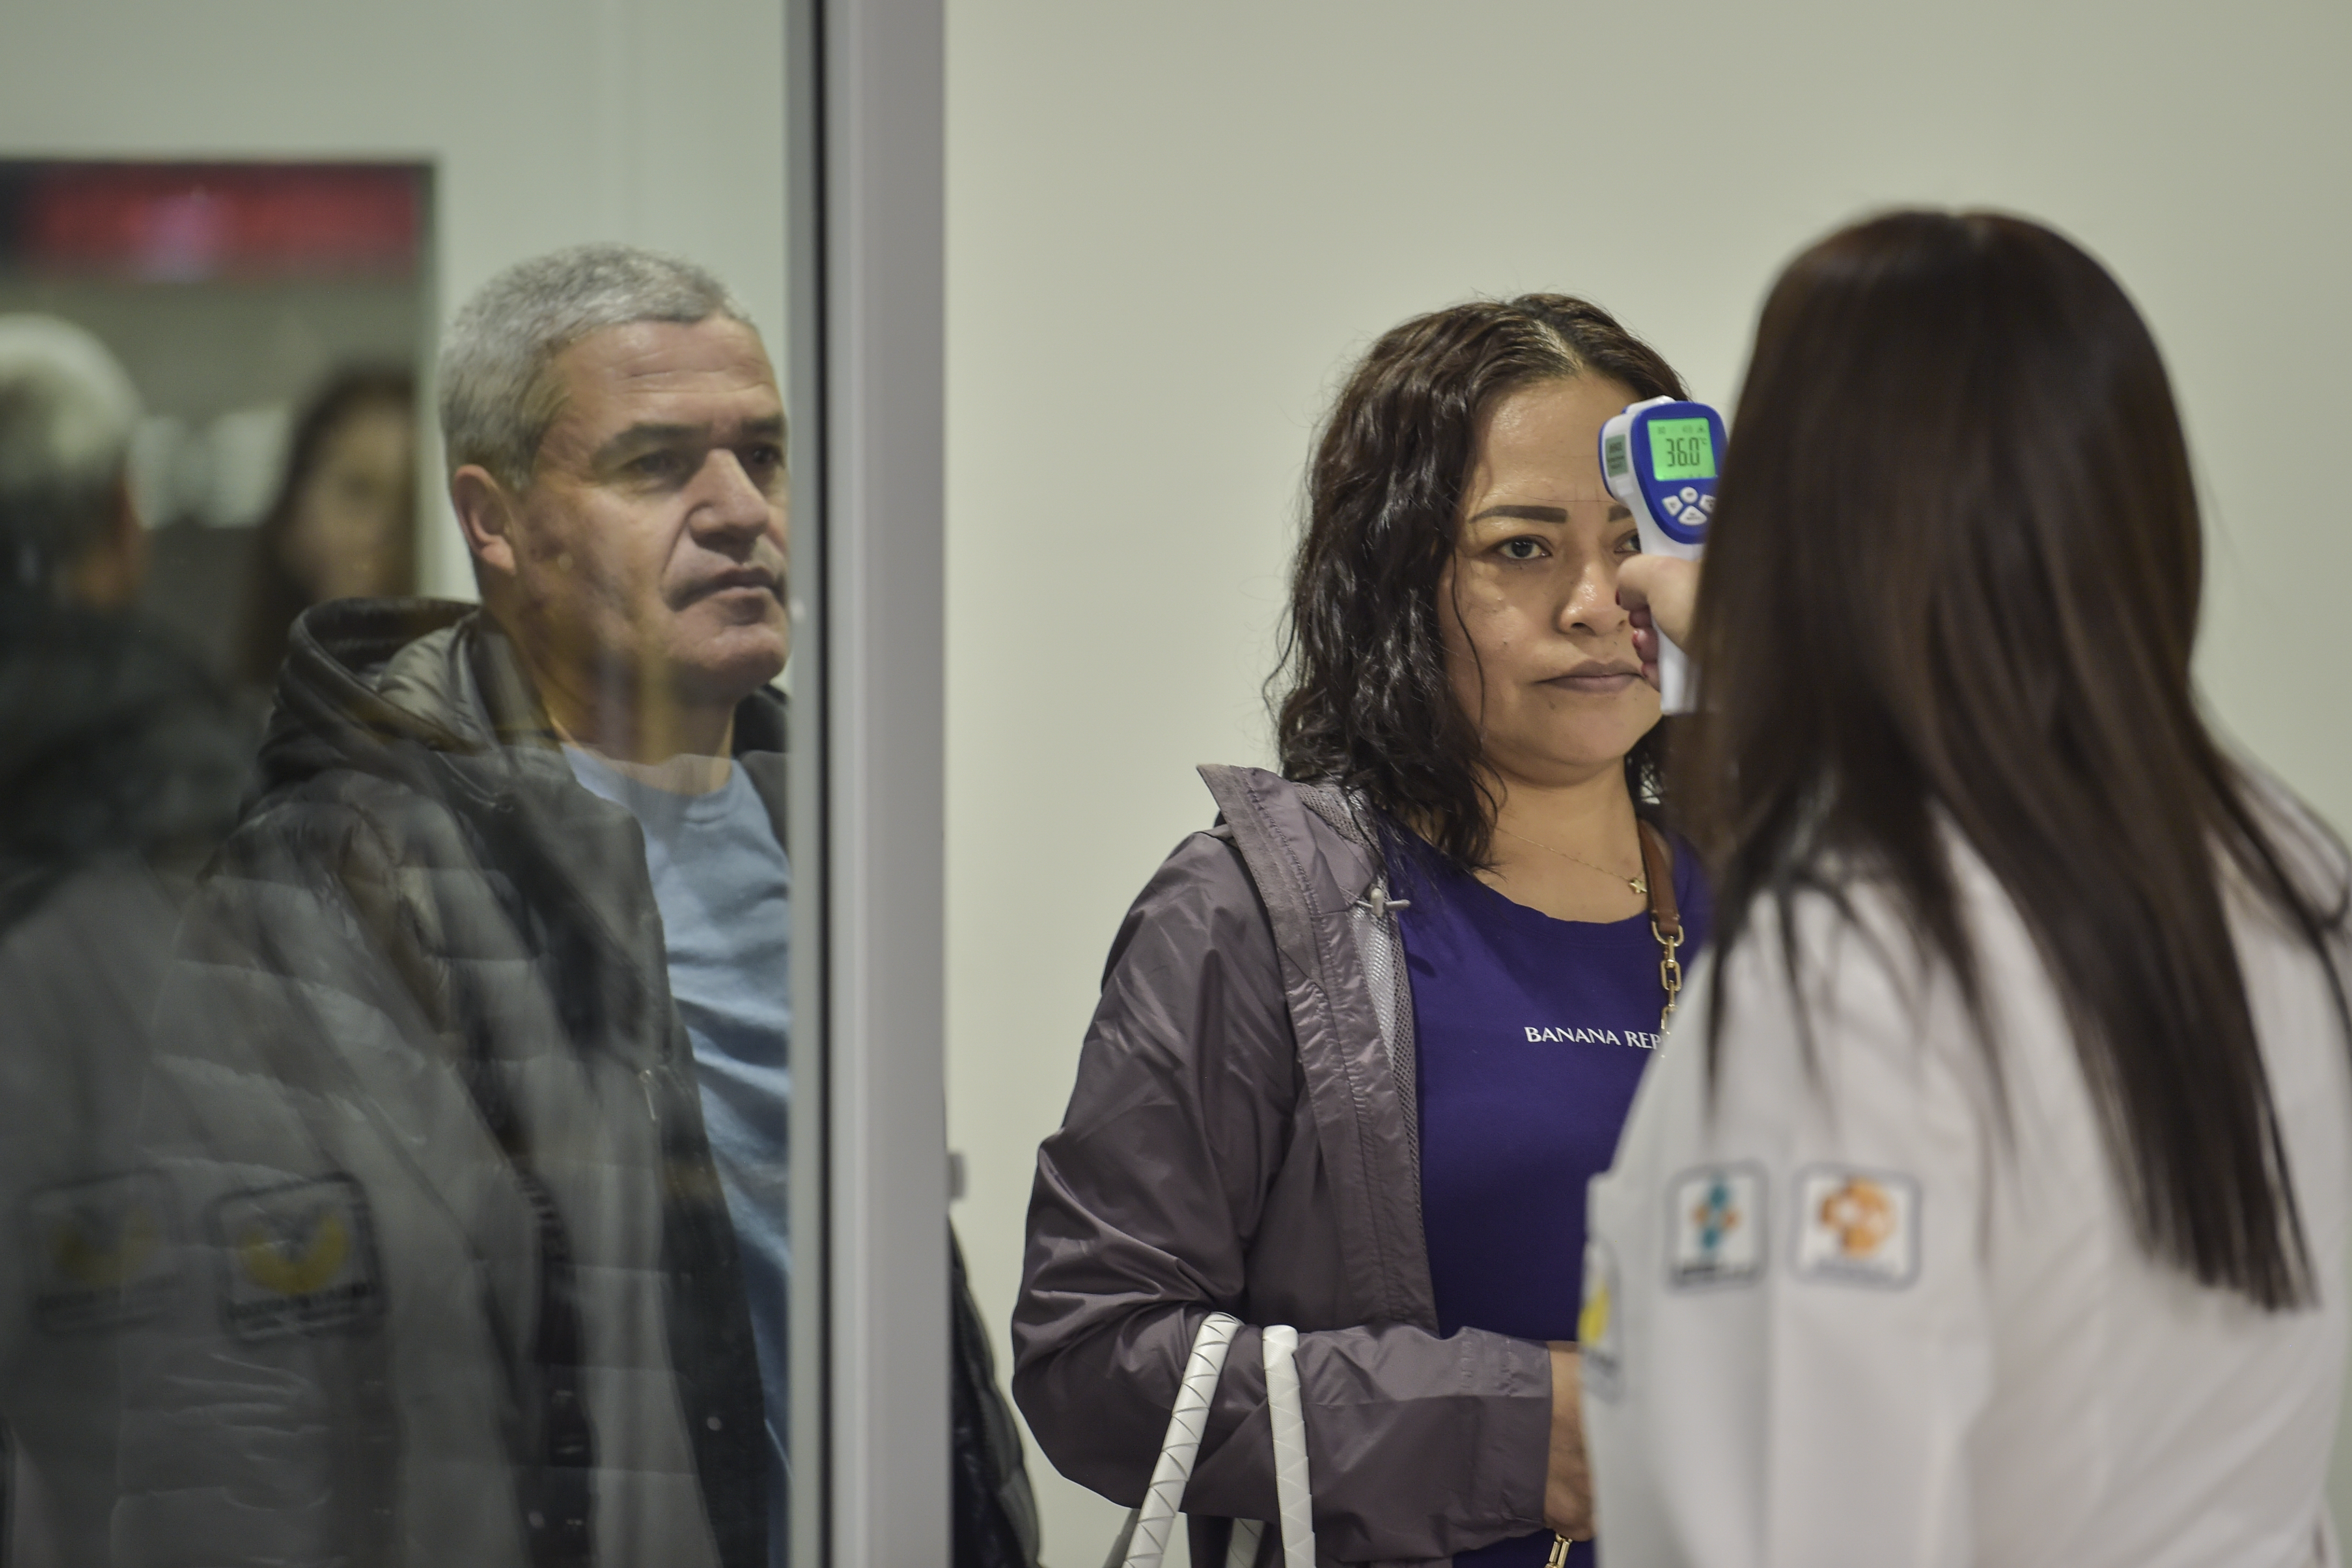 El personal de salud internacional verifica la temperatura de un pasajero como medida preventiva frente a la pandemia mundial de coronavirus COVID-19, en el aeropuerto internacional Benito Juárez en la Ciudad de México, el 13 de marzo de 2020.